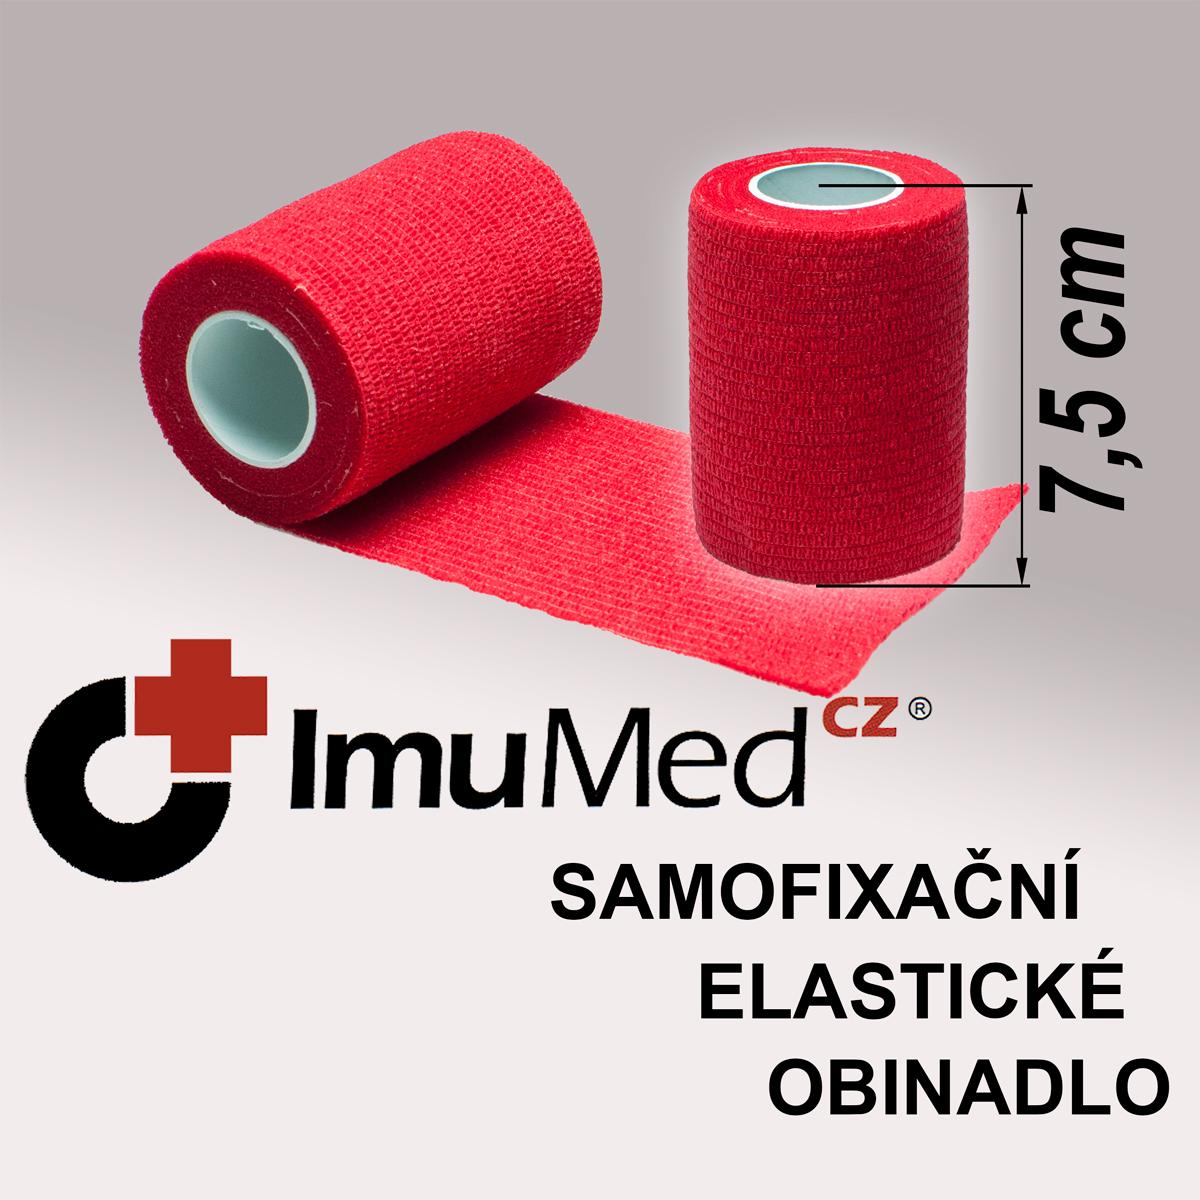 ImuMedCZ samofixační elastické obinadlo 7,5cm x 4,5m ČERVENÁ barva ImuMedCZ samodržící elastické obinadlo 7,5cm x 4,5m ČERVENÁ barva